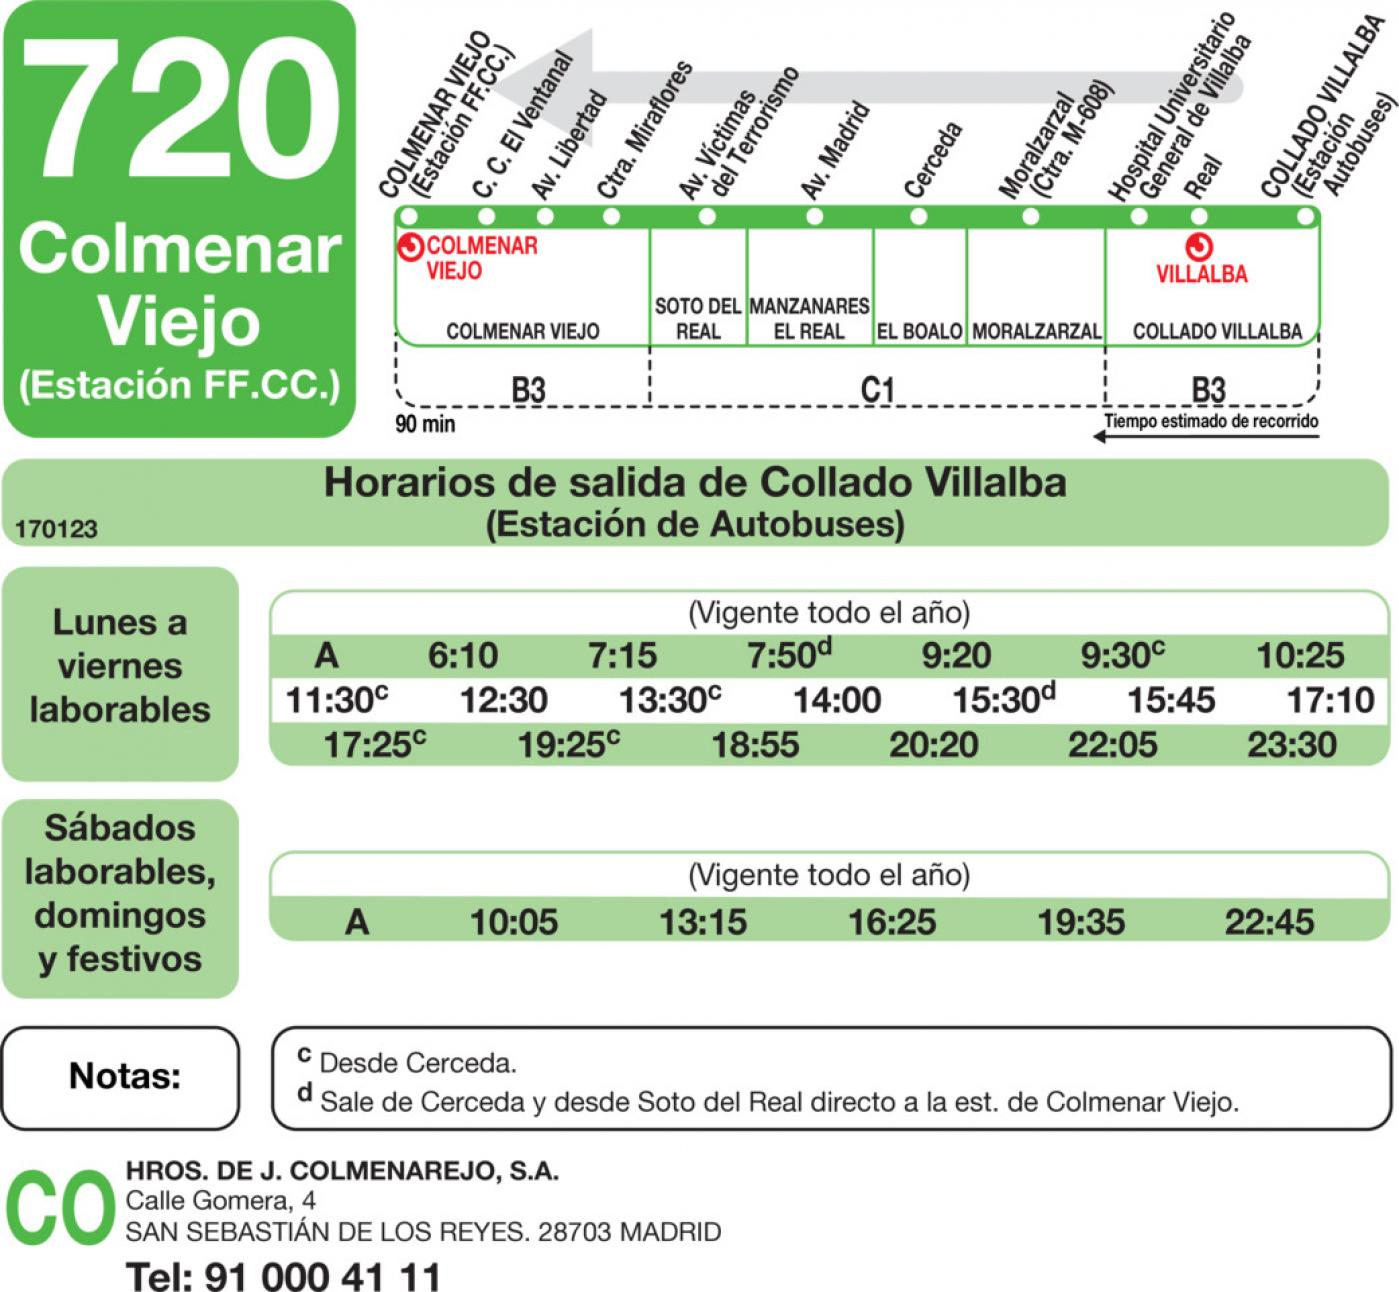 Tabla de horarios y frecuencias de paso en sentido vuelta Línea 720: Colmenar Viejo - Collado Villalba